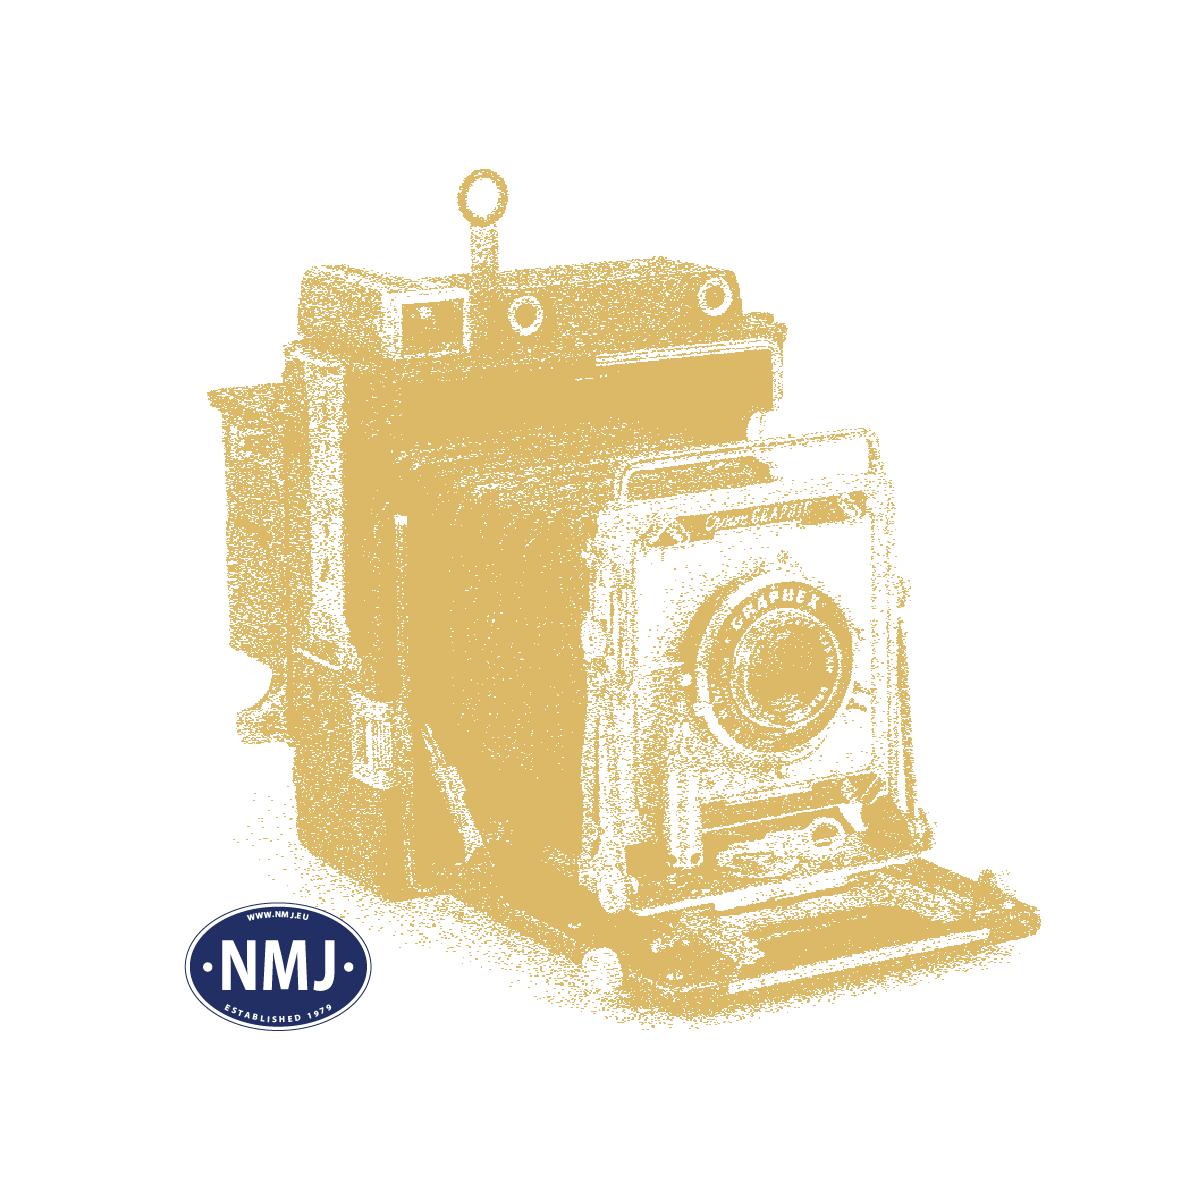 NMJB1135 - NMJ Malmvognlast for MAS 1908, 4 Stk